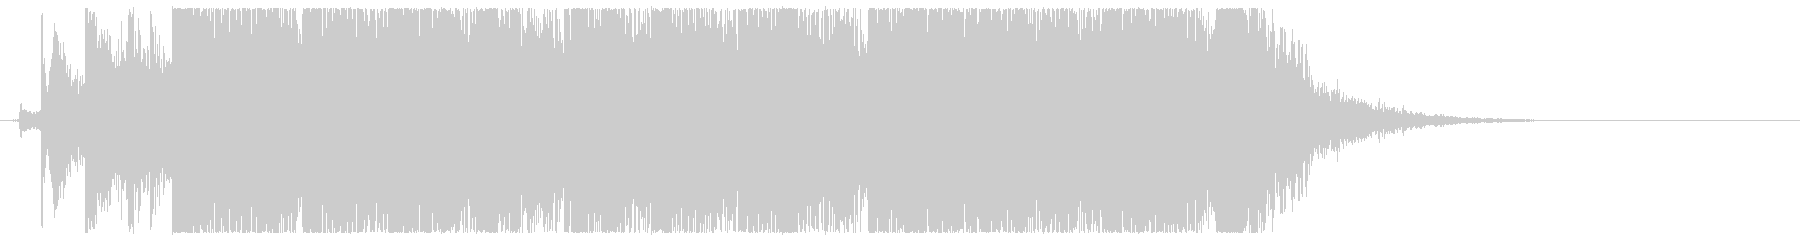 キュートなアニメジングル・アイキャッチ2の未再生の波形